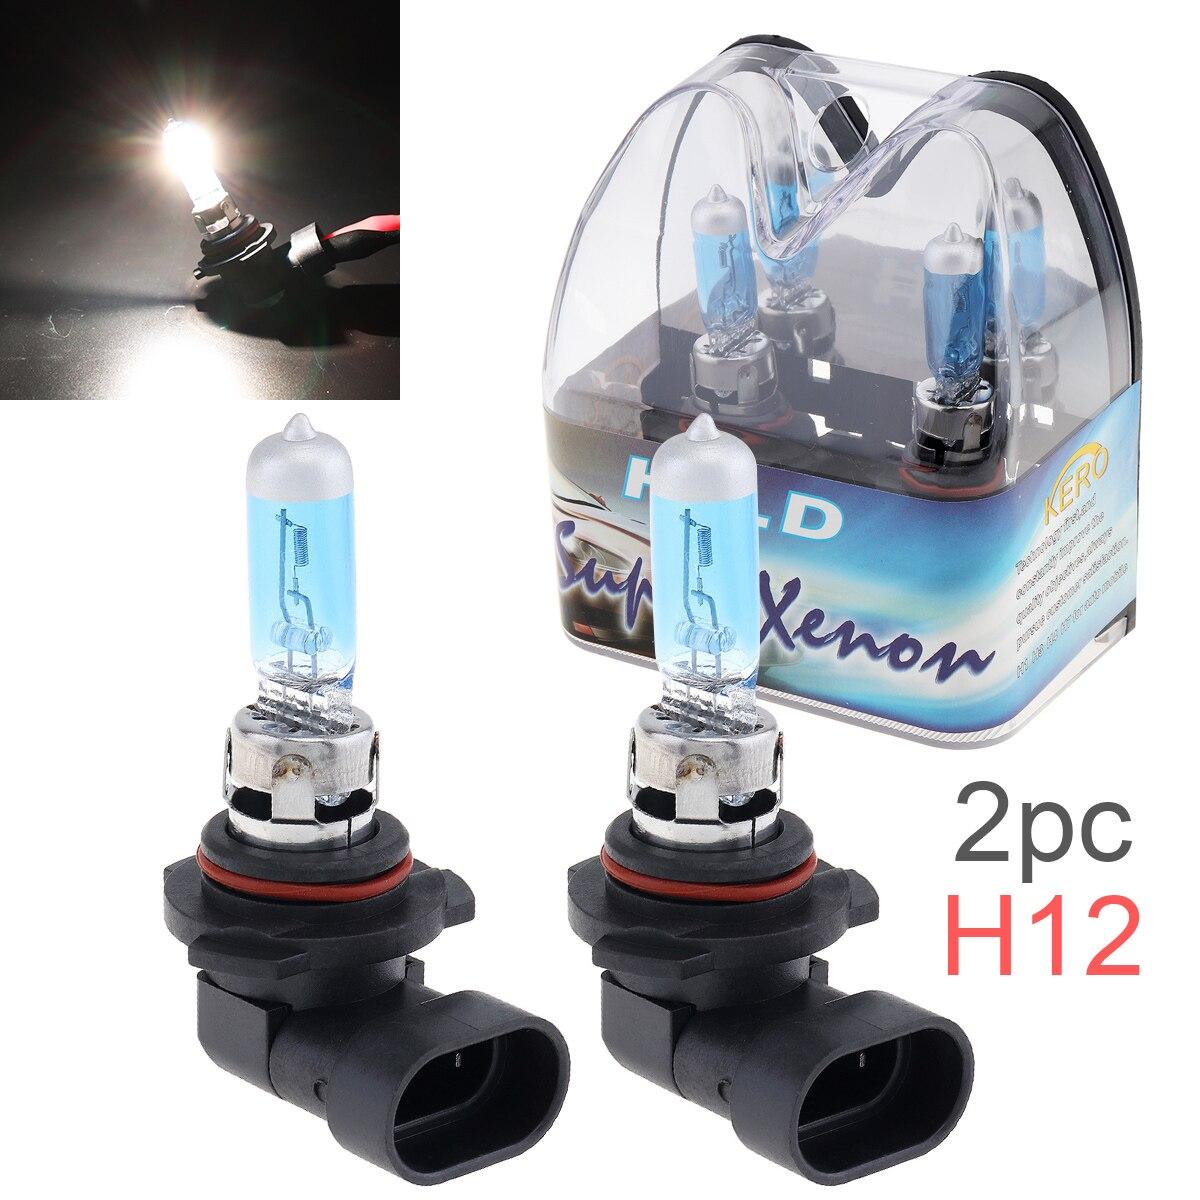 2 шт., Ксеноновые галогенные лампы 12 В H12 53 Вт 6000 К